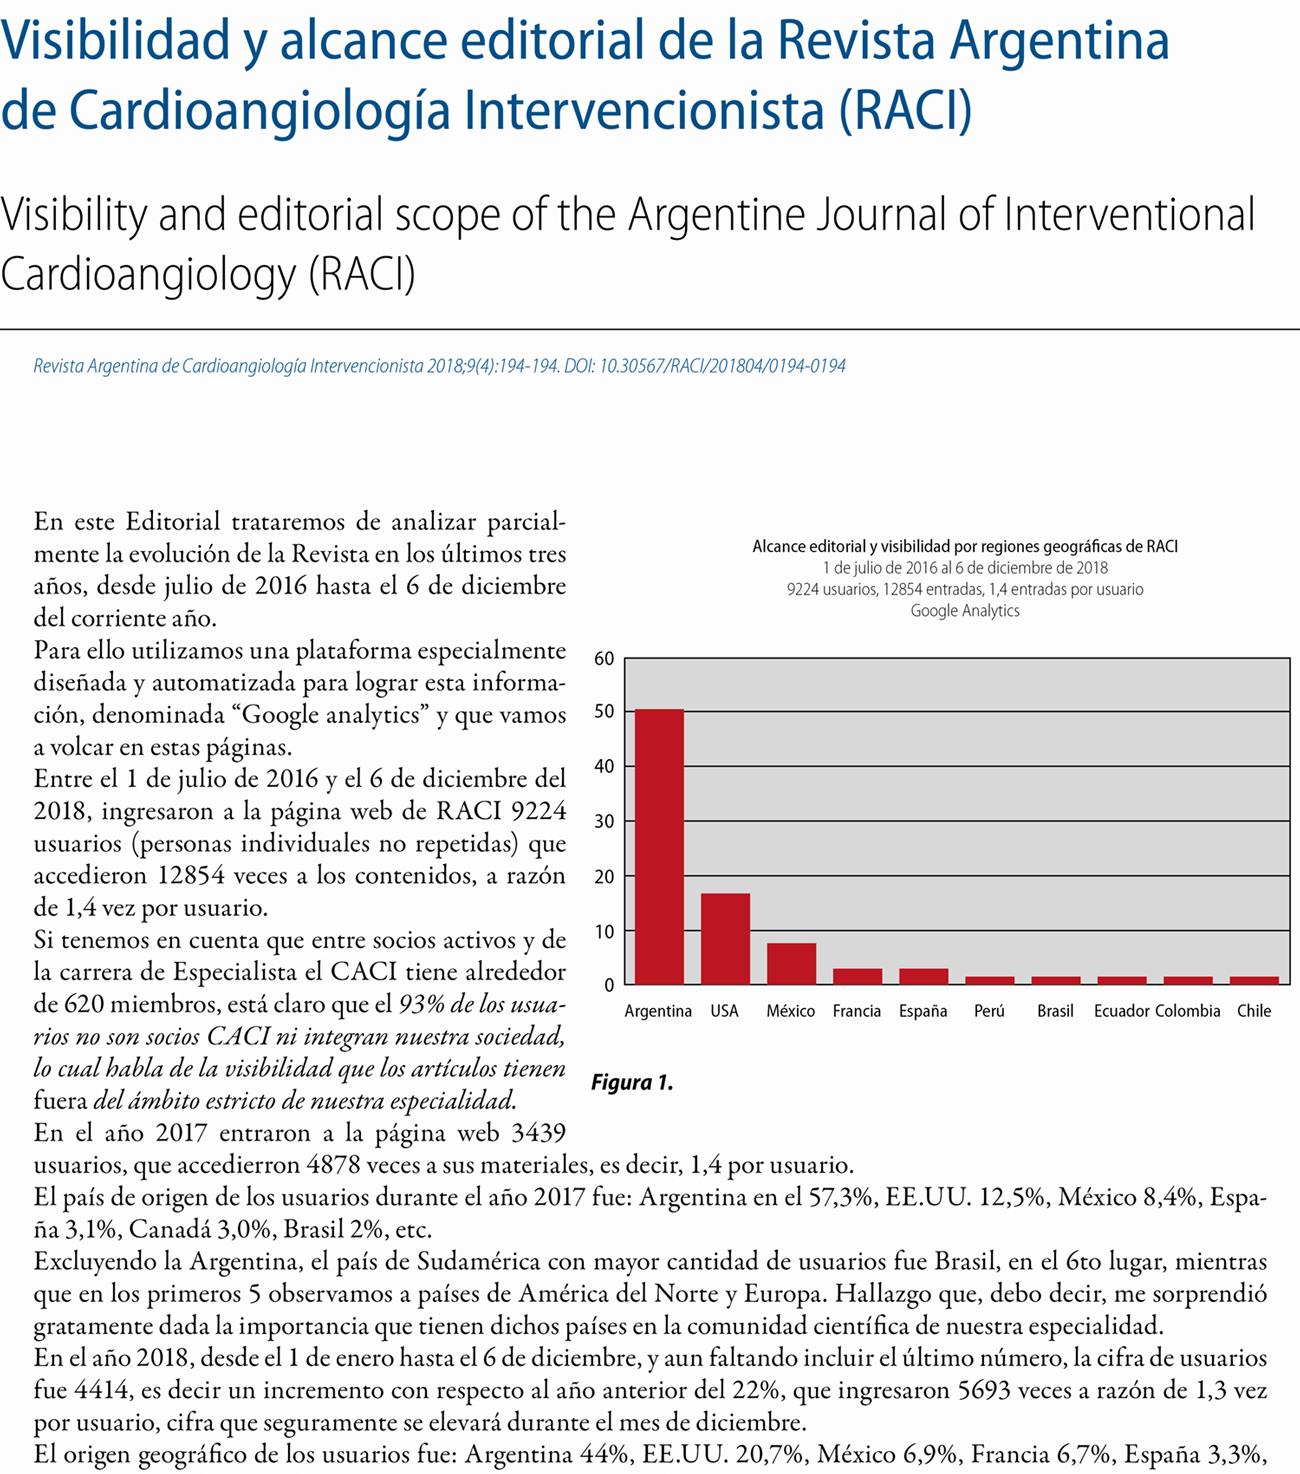 Visibilidad y alcance editorial de la Revista Argentina  de Cardioangiología Intervencionista (RACI)